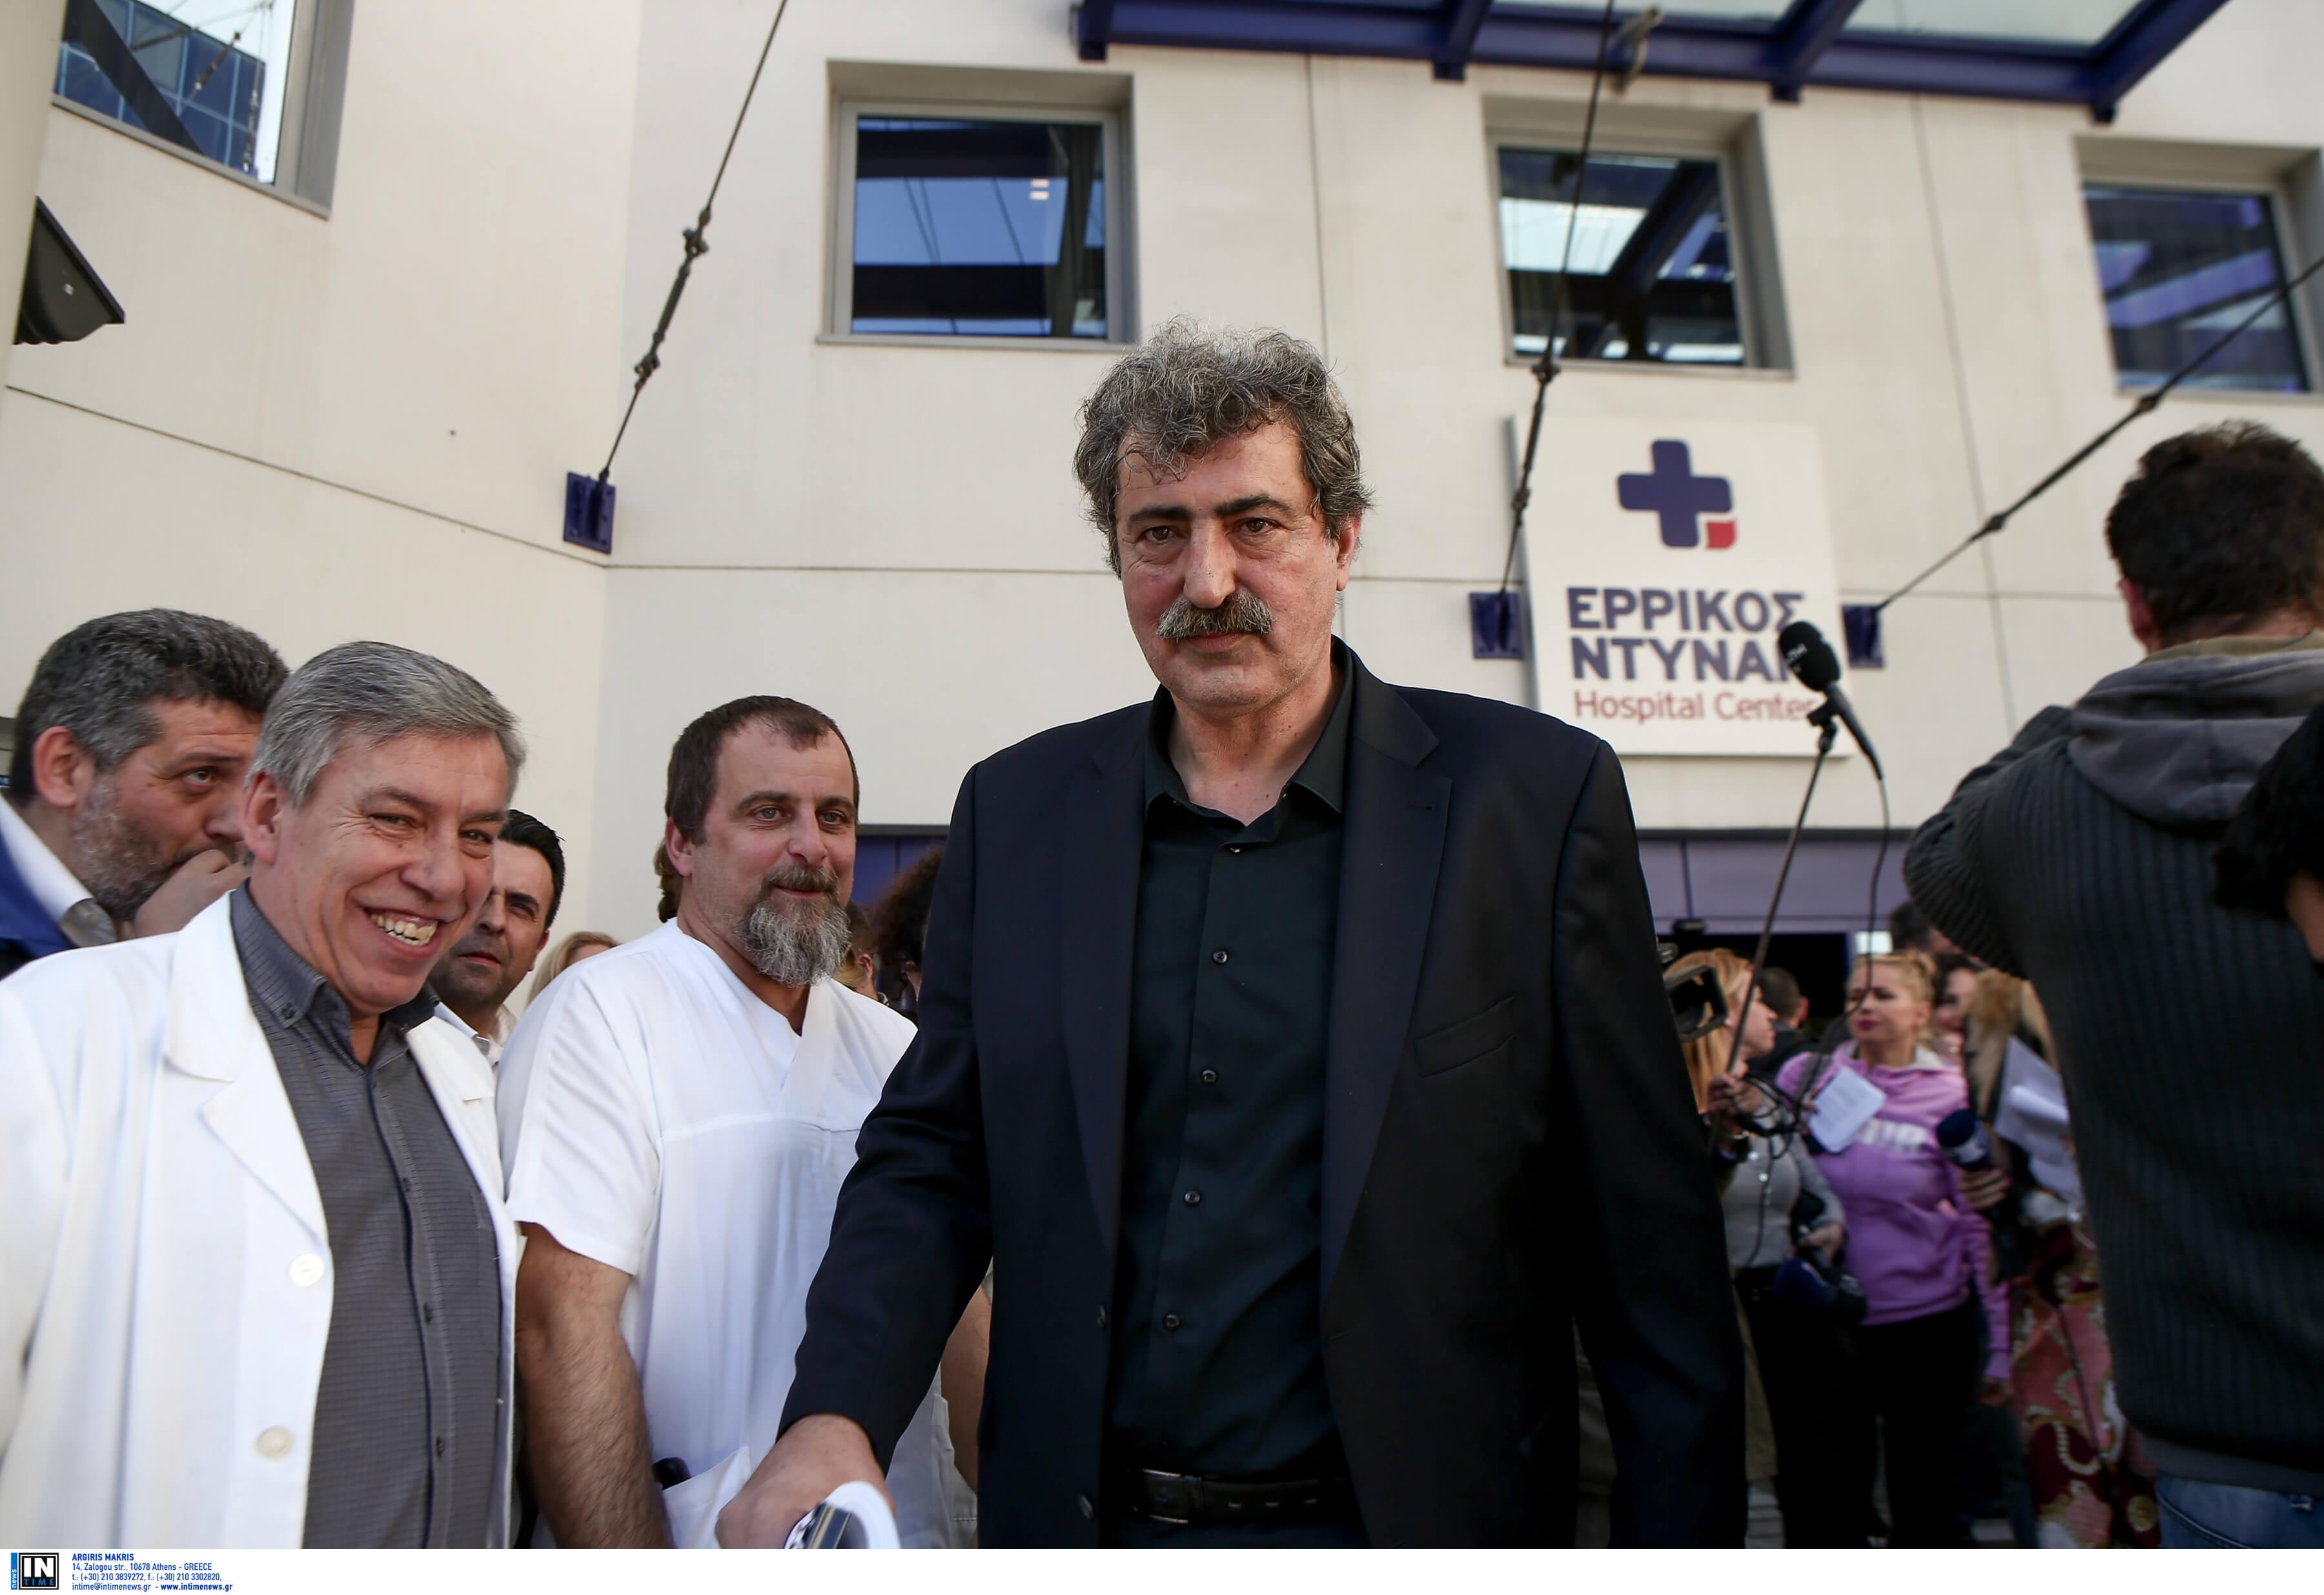 """Πολάκης: Πολιτική απόφαση η επιστροφή του """"Ερρίκος Ντυνάν"""" στο ΕΣΥ"""